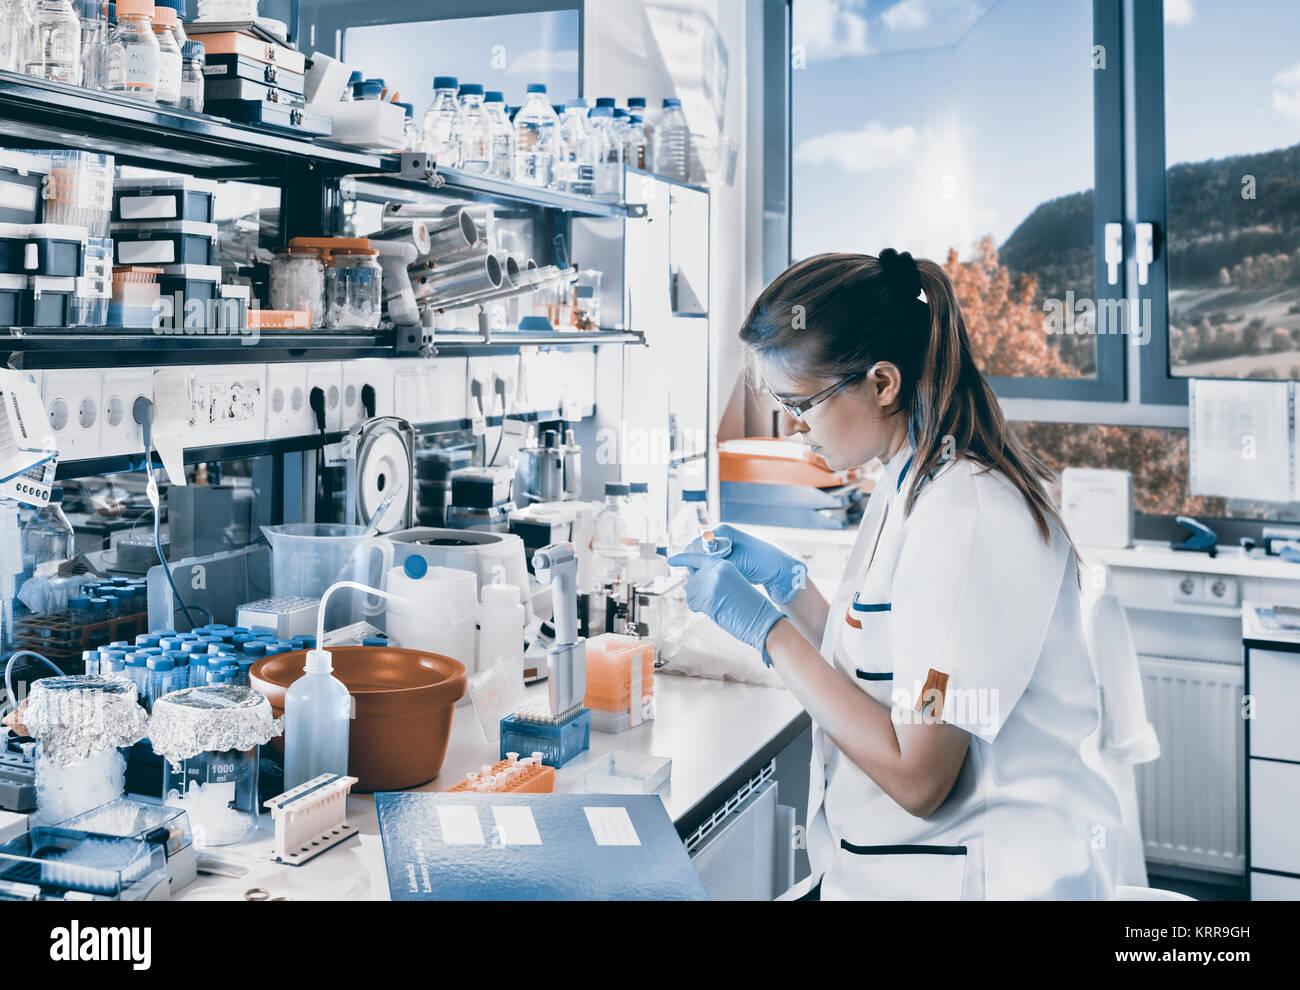 Jeune scientifique travaille en laboratoire biologique moderne, teinté de droit Photo Stock